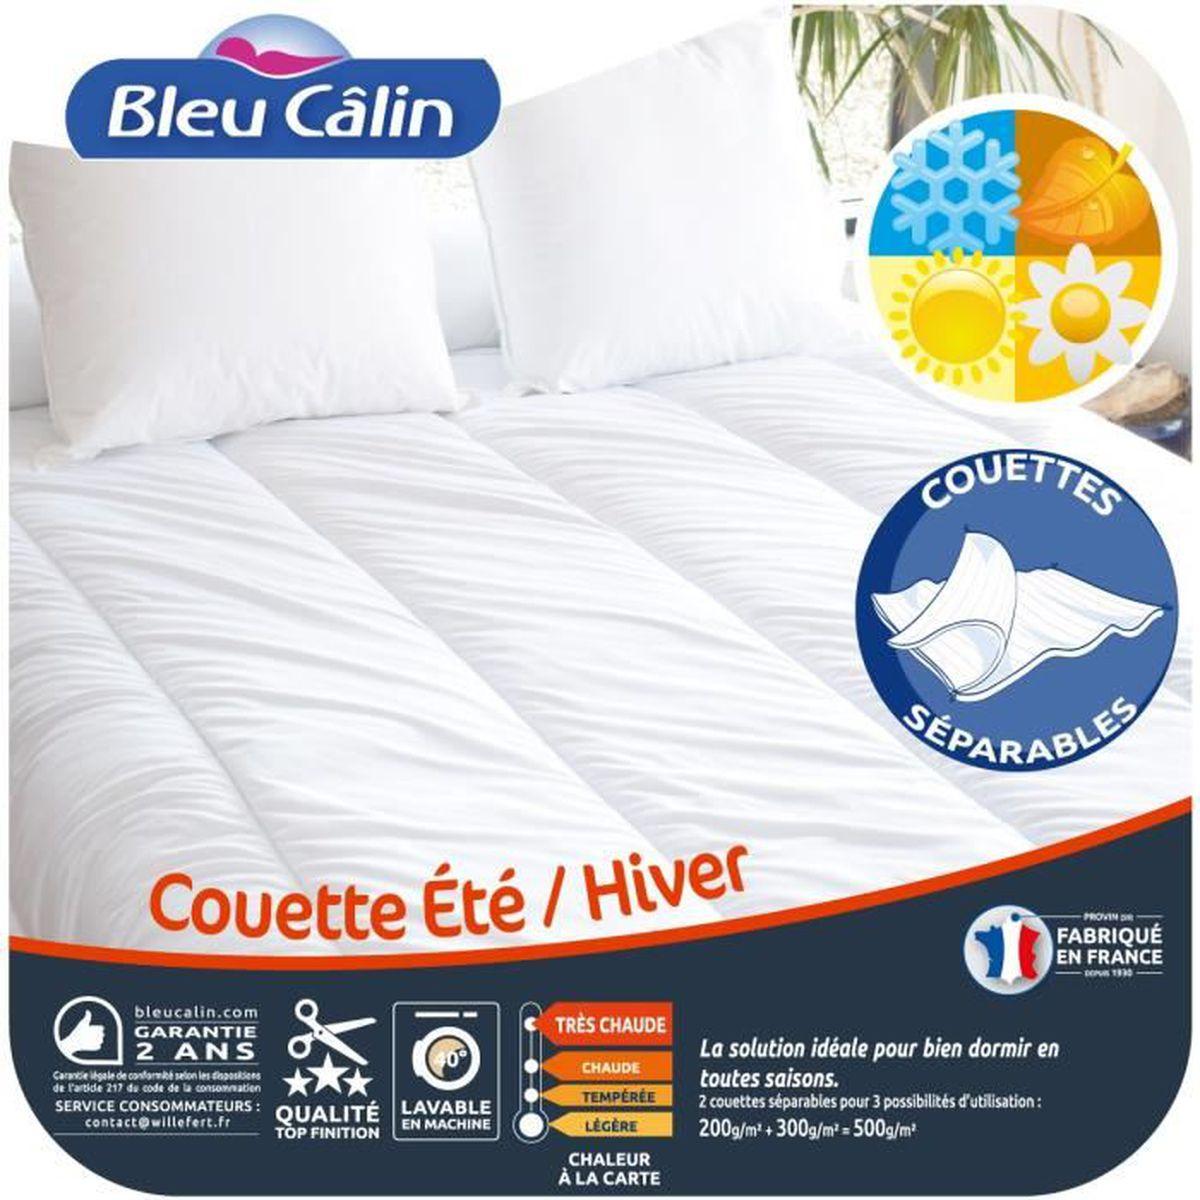 BLEU CALIN Couette Été Hiver 220x240 cm blanc   Achat / Vente